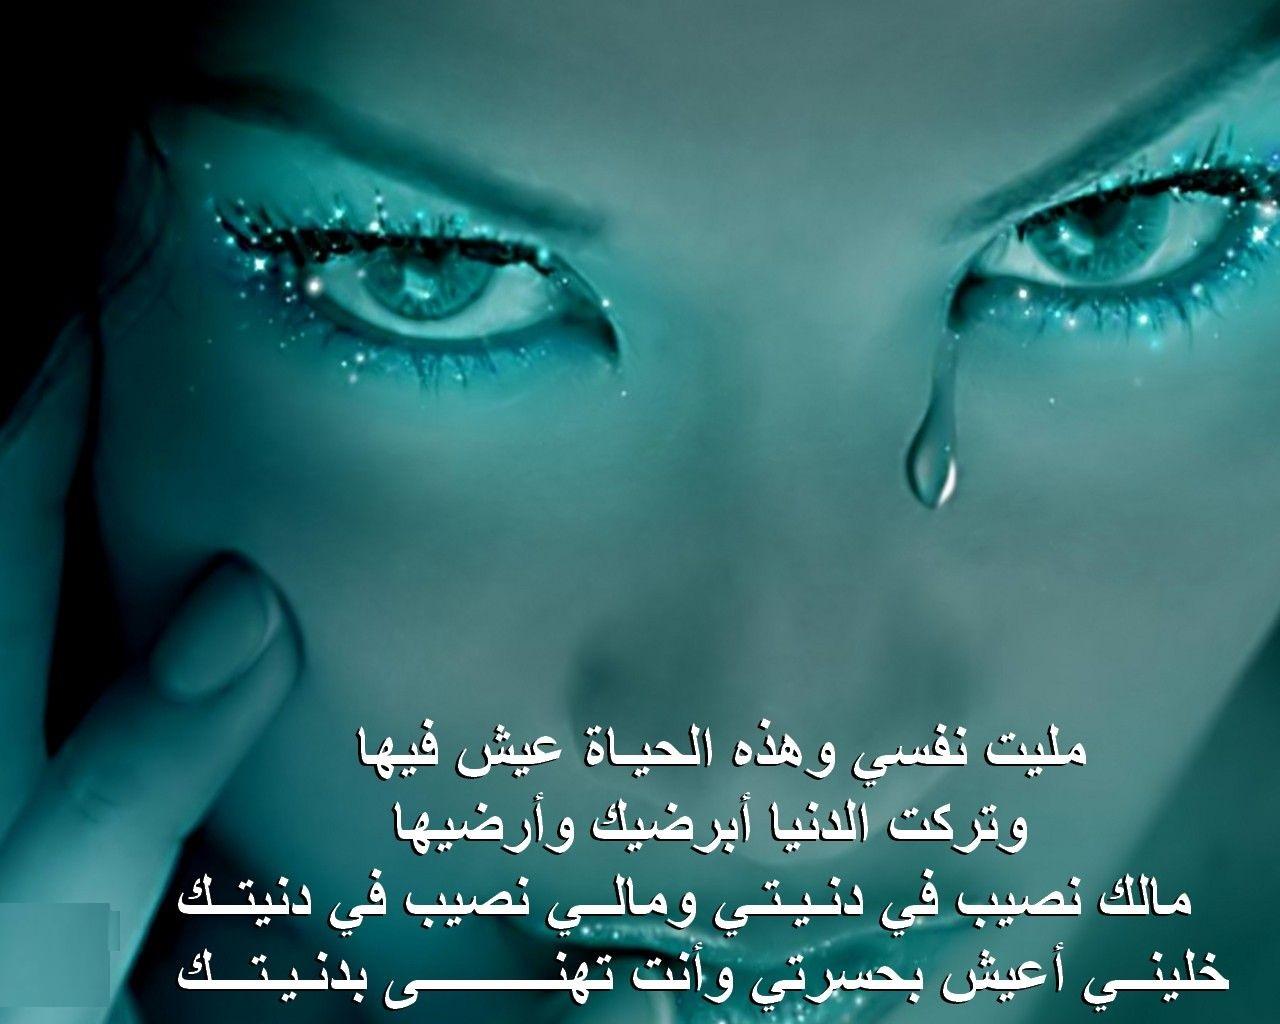 بالصور كلام حزين ومؤثر , العبارات المؤلمة والمعبرة عن الحزن 5743 7